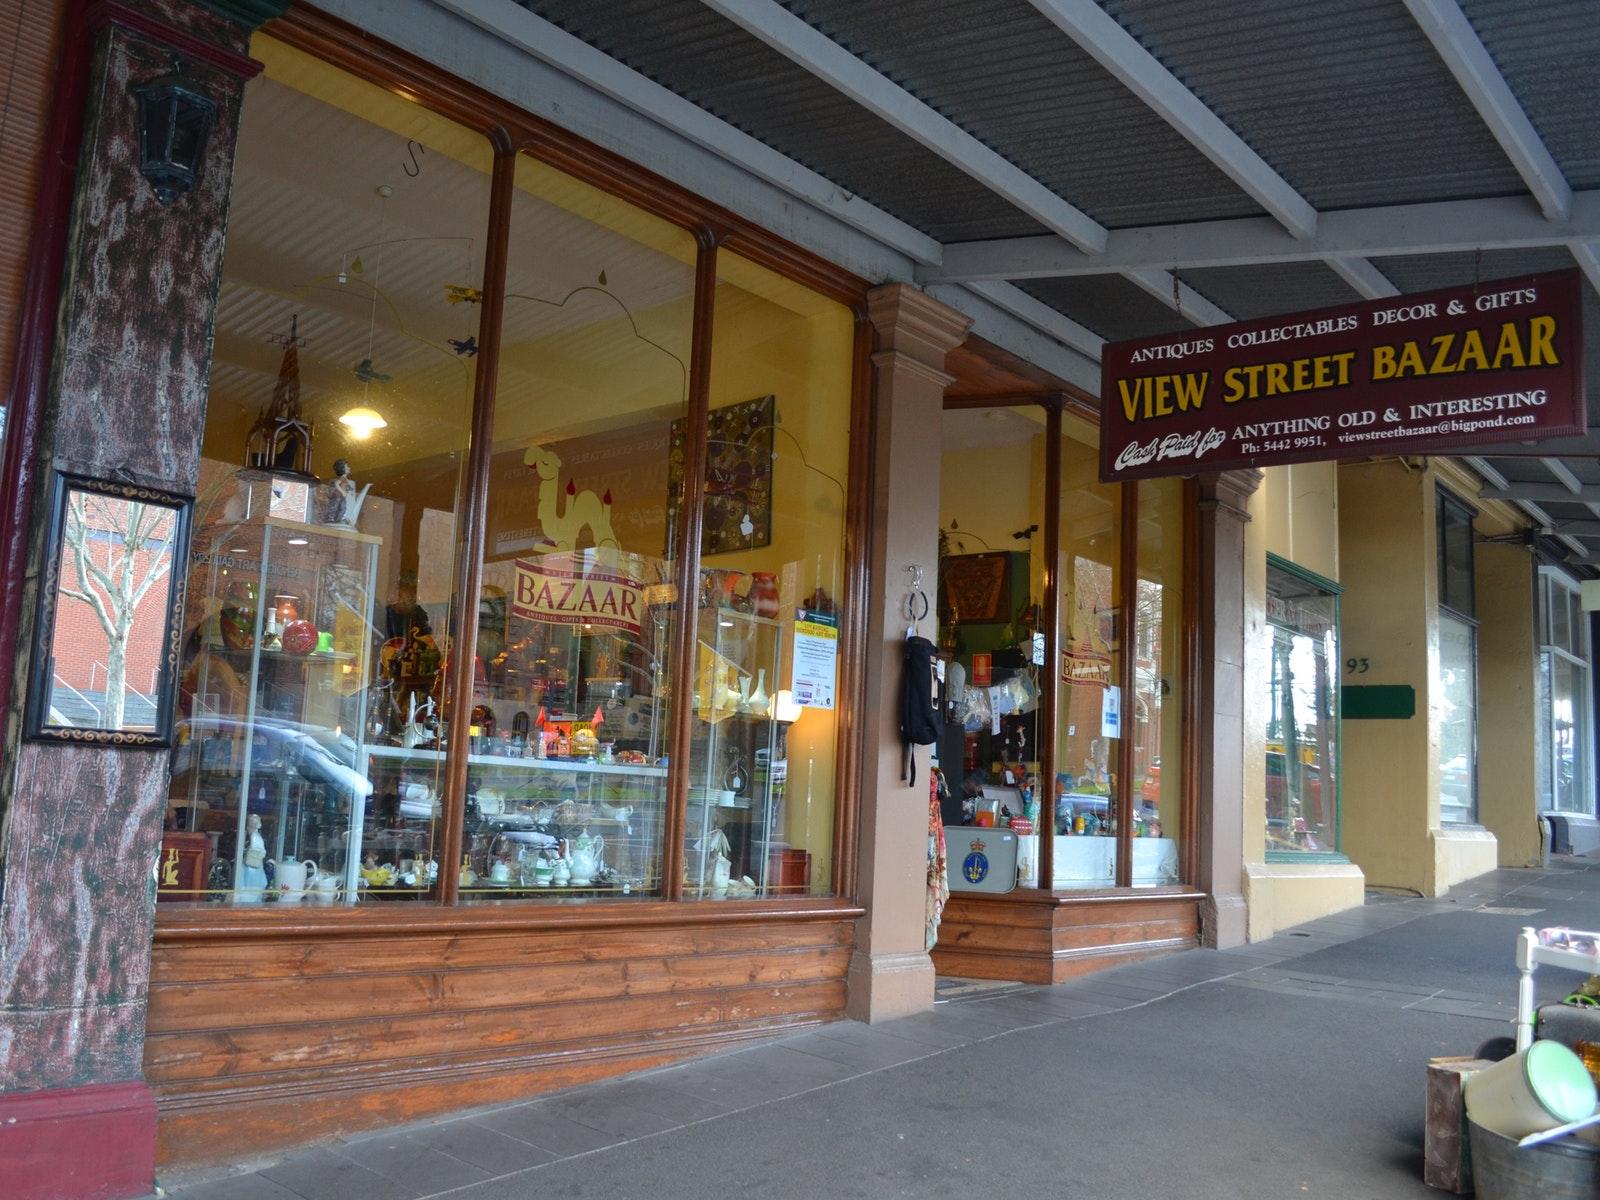 View Street Bazaar